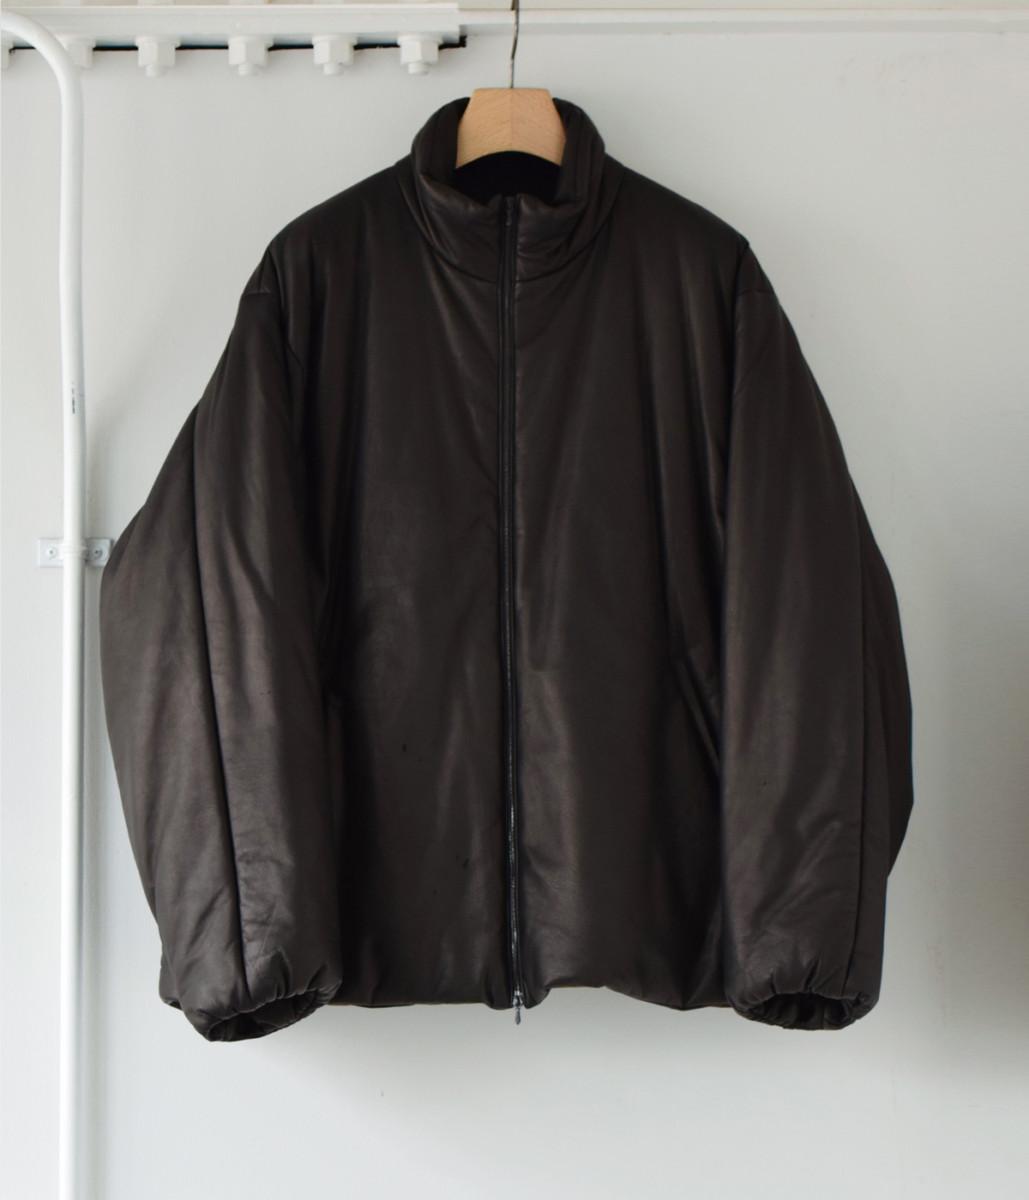 ディアスキンインサレーションジャケット